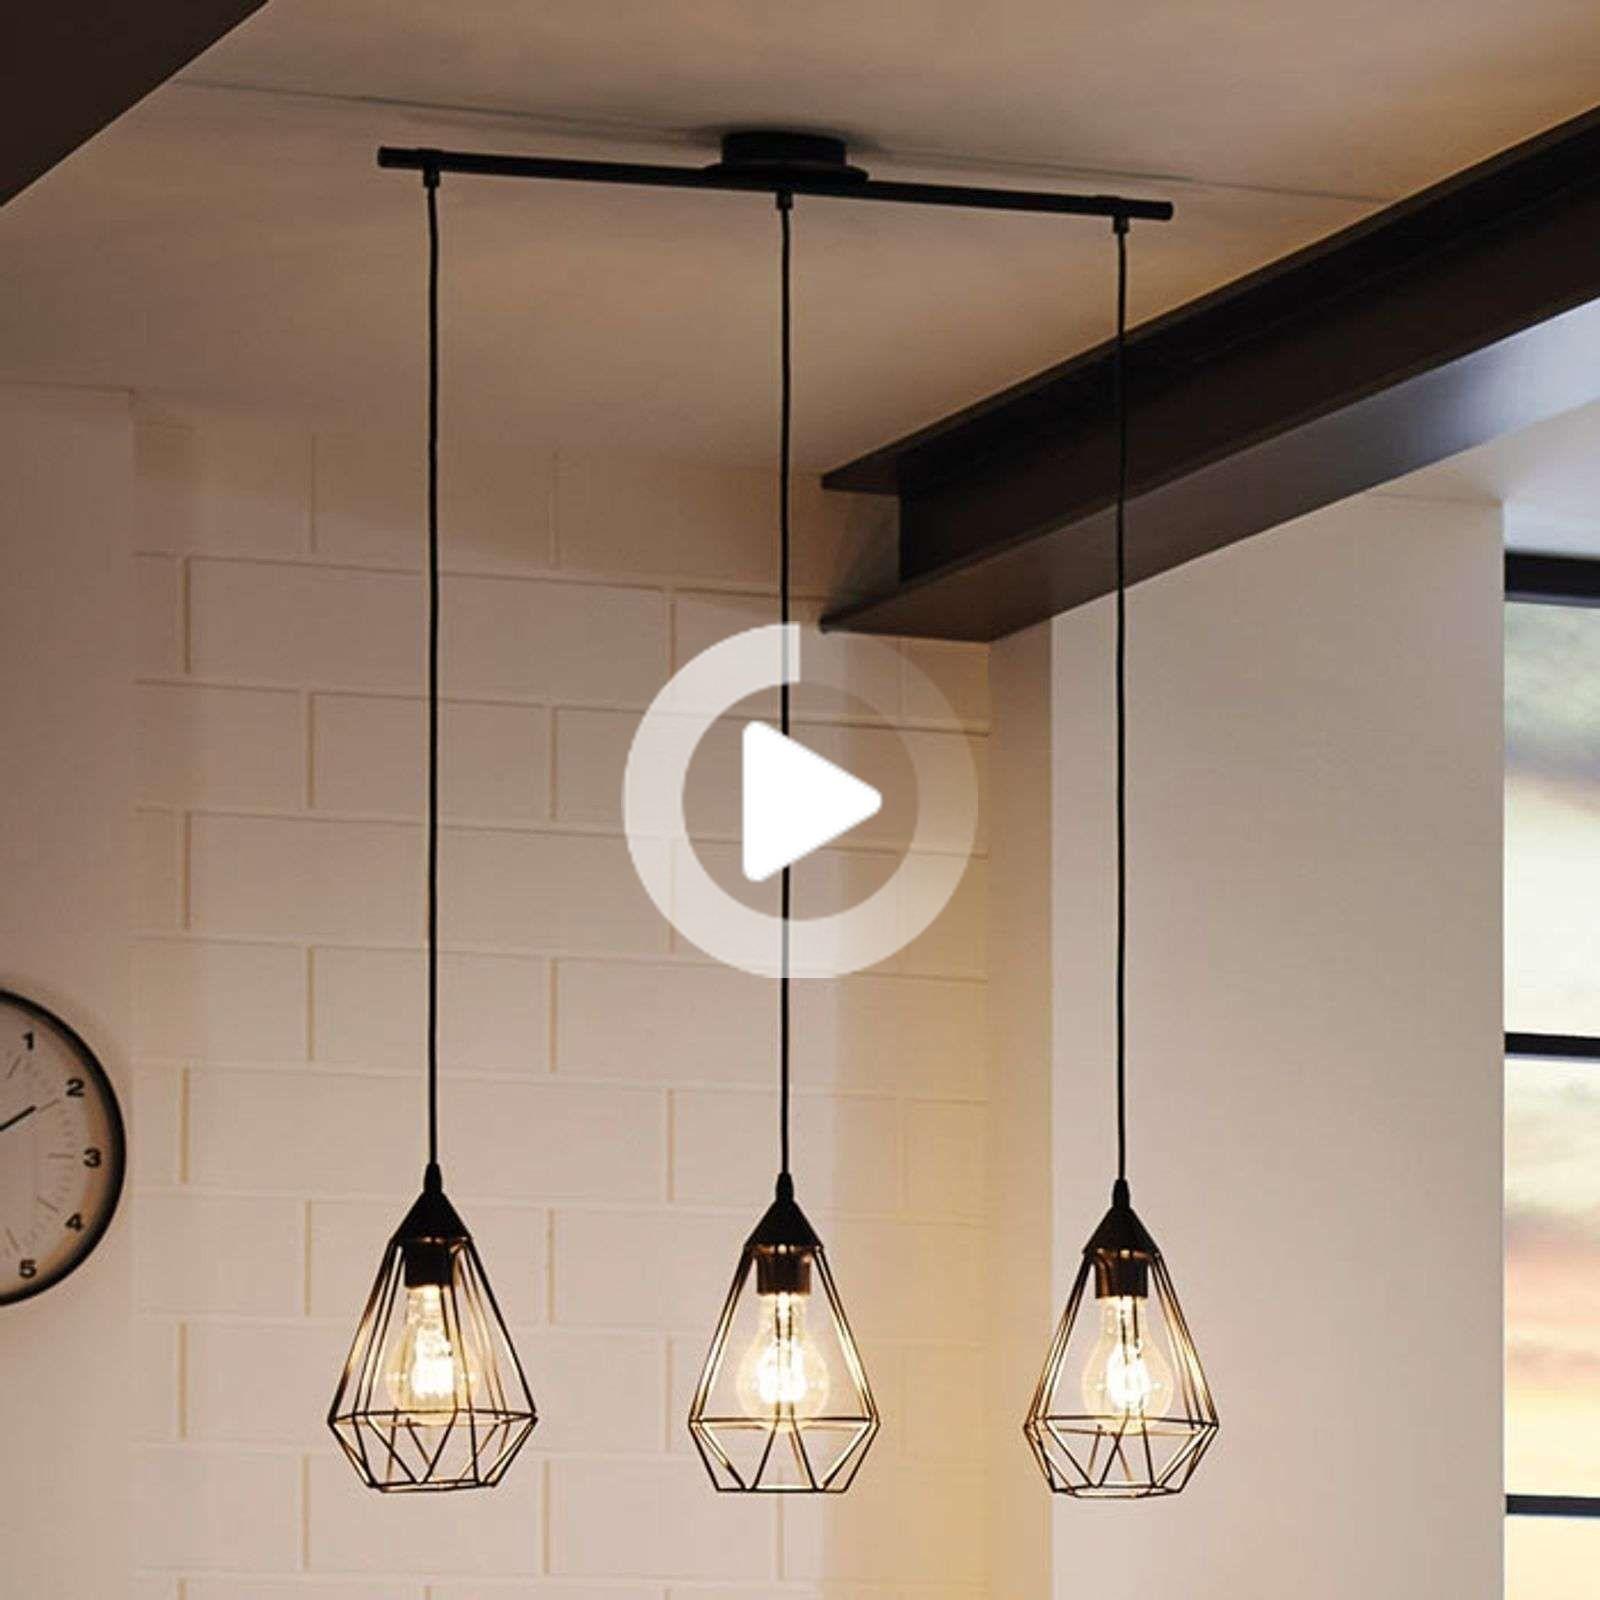 Suspension Tarbes 3 Lampes Style Vintage In 2020 Esszimmer Beleuchtung Esszimmerleuchten Industrie Leuchten